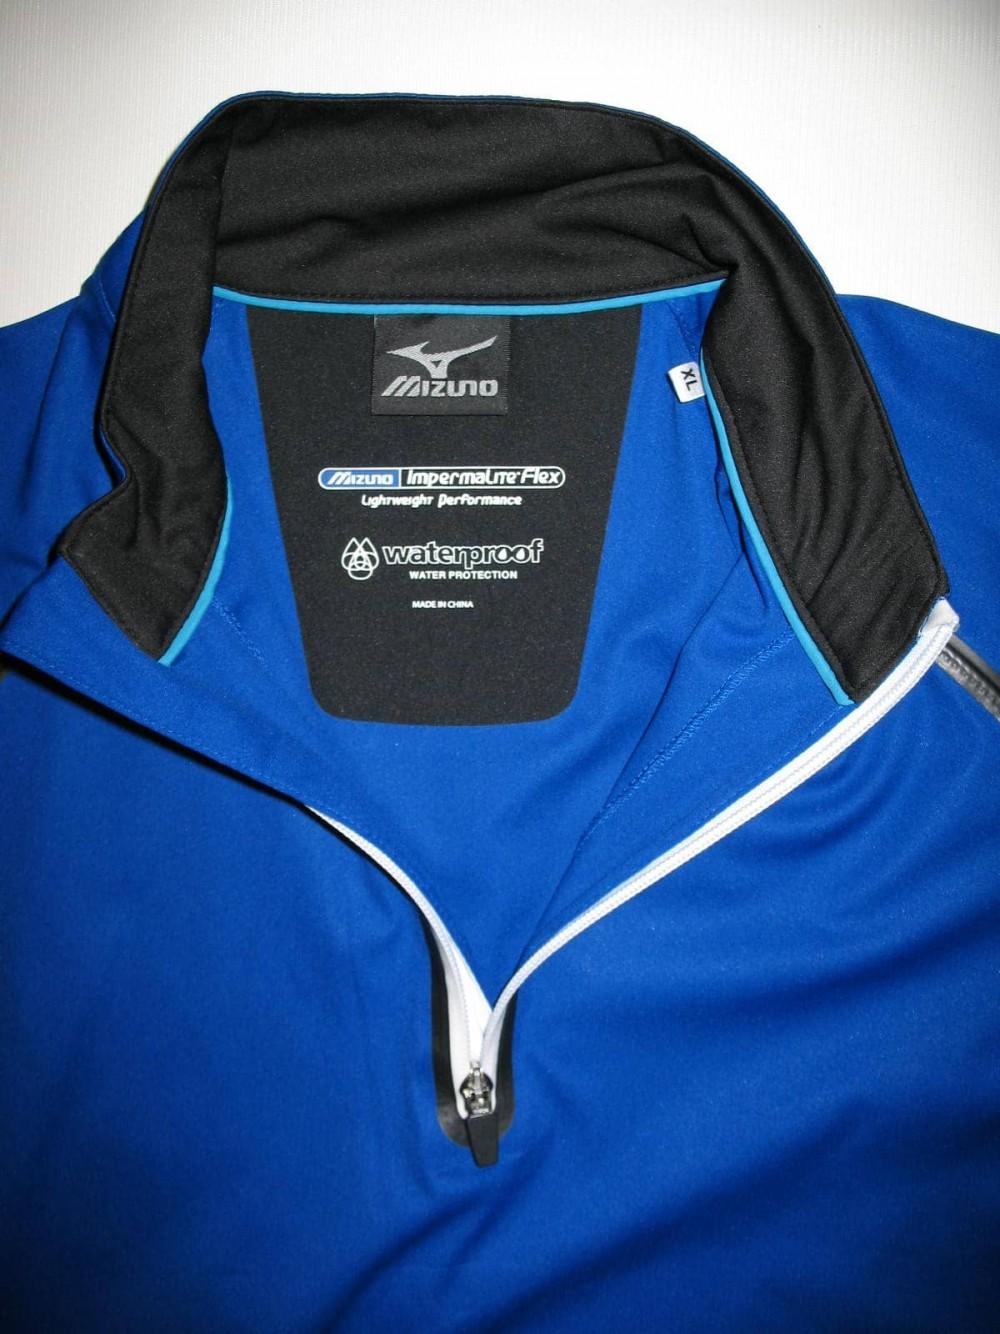 Куртка MIZUNO impermalite flex short sleeve rain jacket (размер XL/XXL) - 3